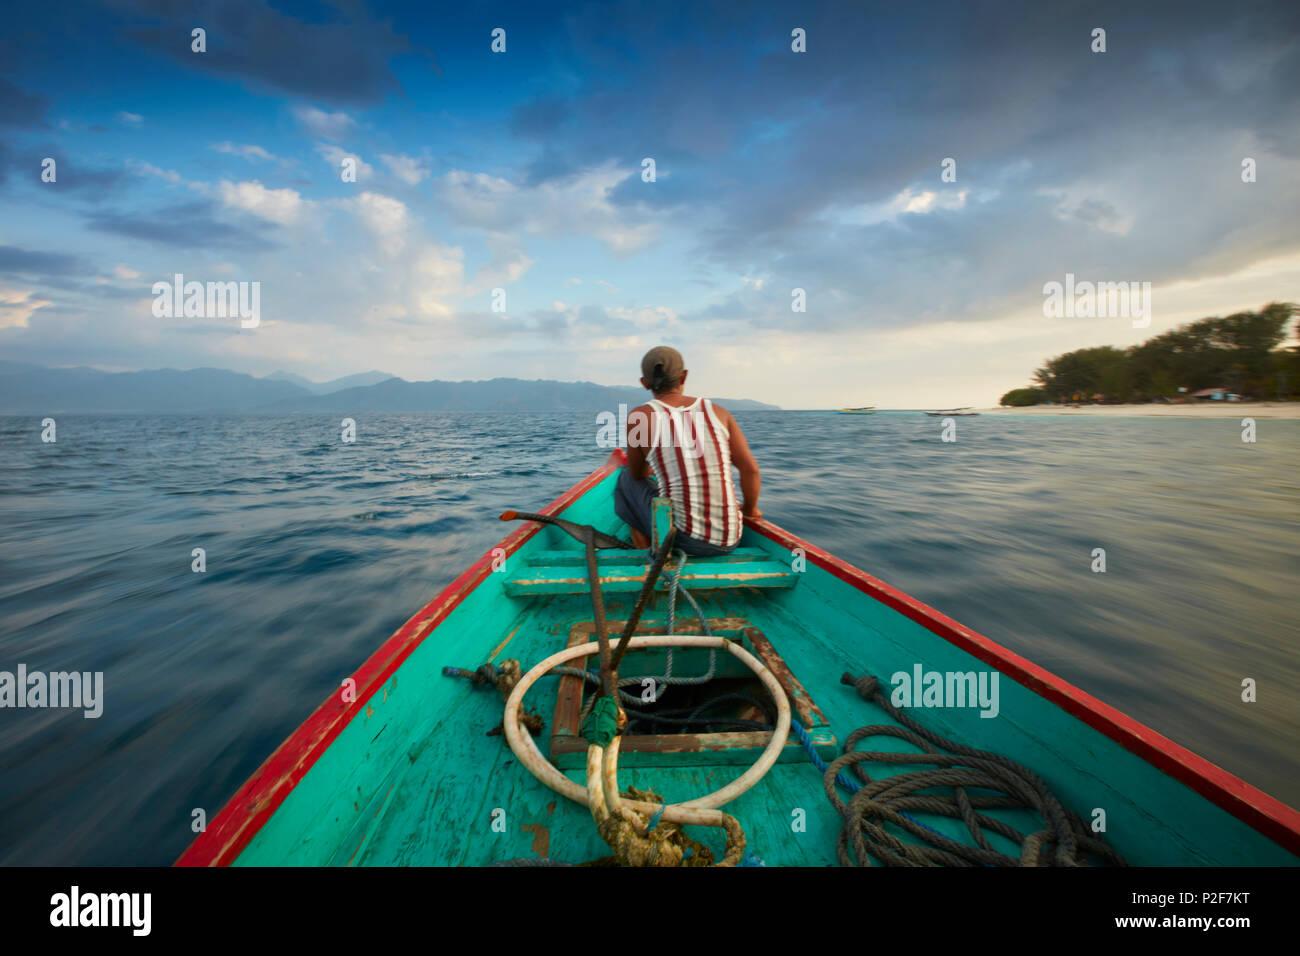 Pêcheur, voyage en bateau entre les îles, Gili Trawangan, Lombok, Indonésie Photo Stock